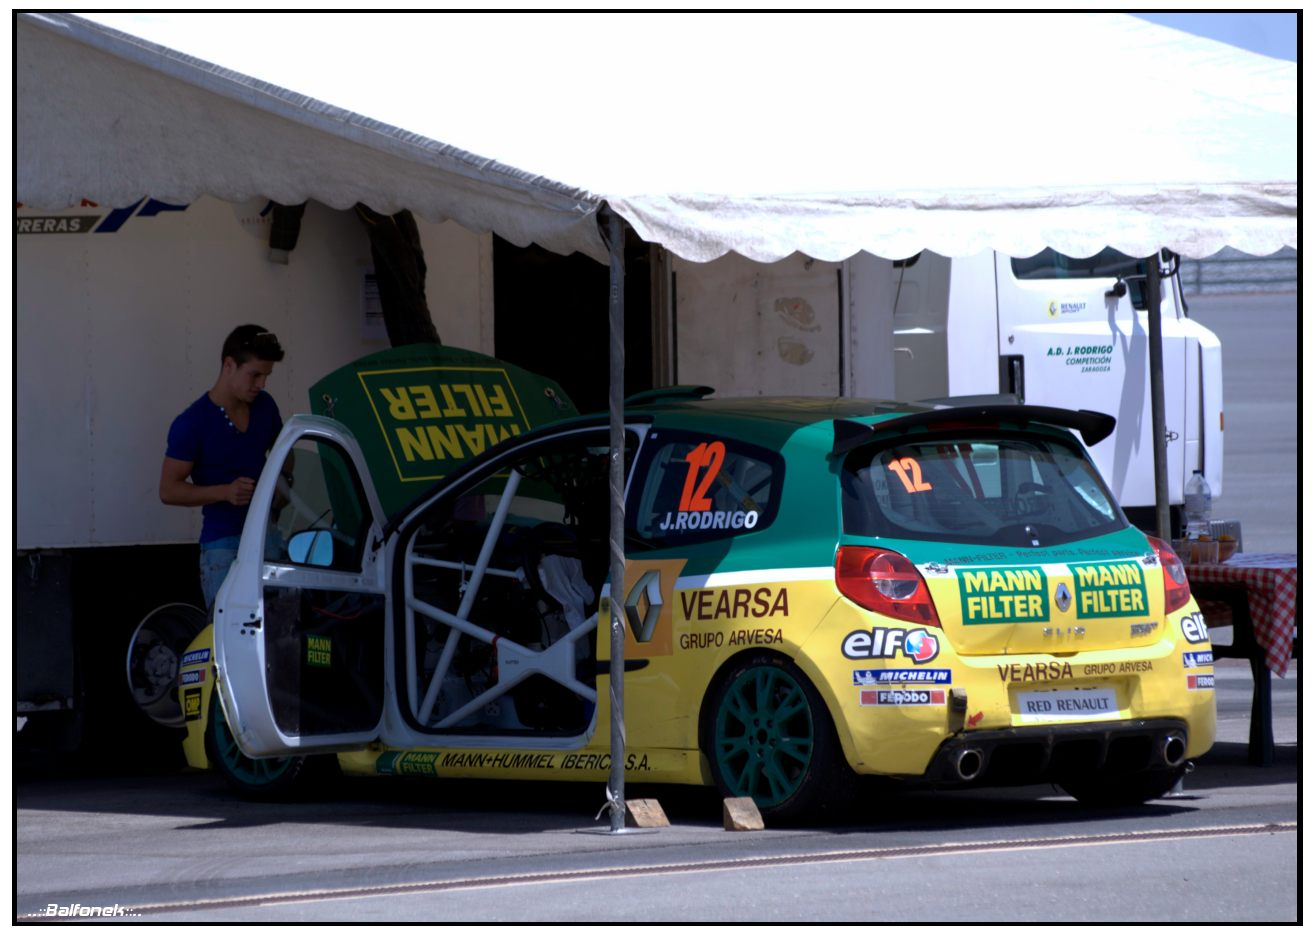 Circuito Monteblanco : Dark side: mañana de motor en el circuito de monteblanco